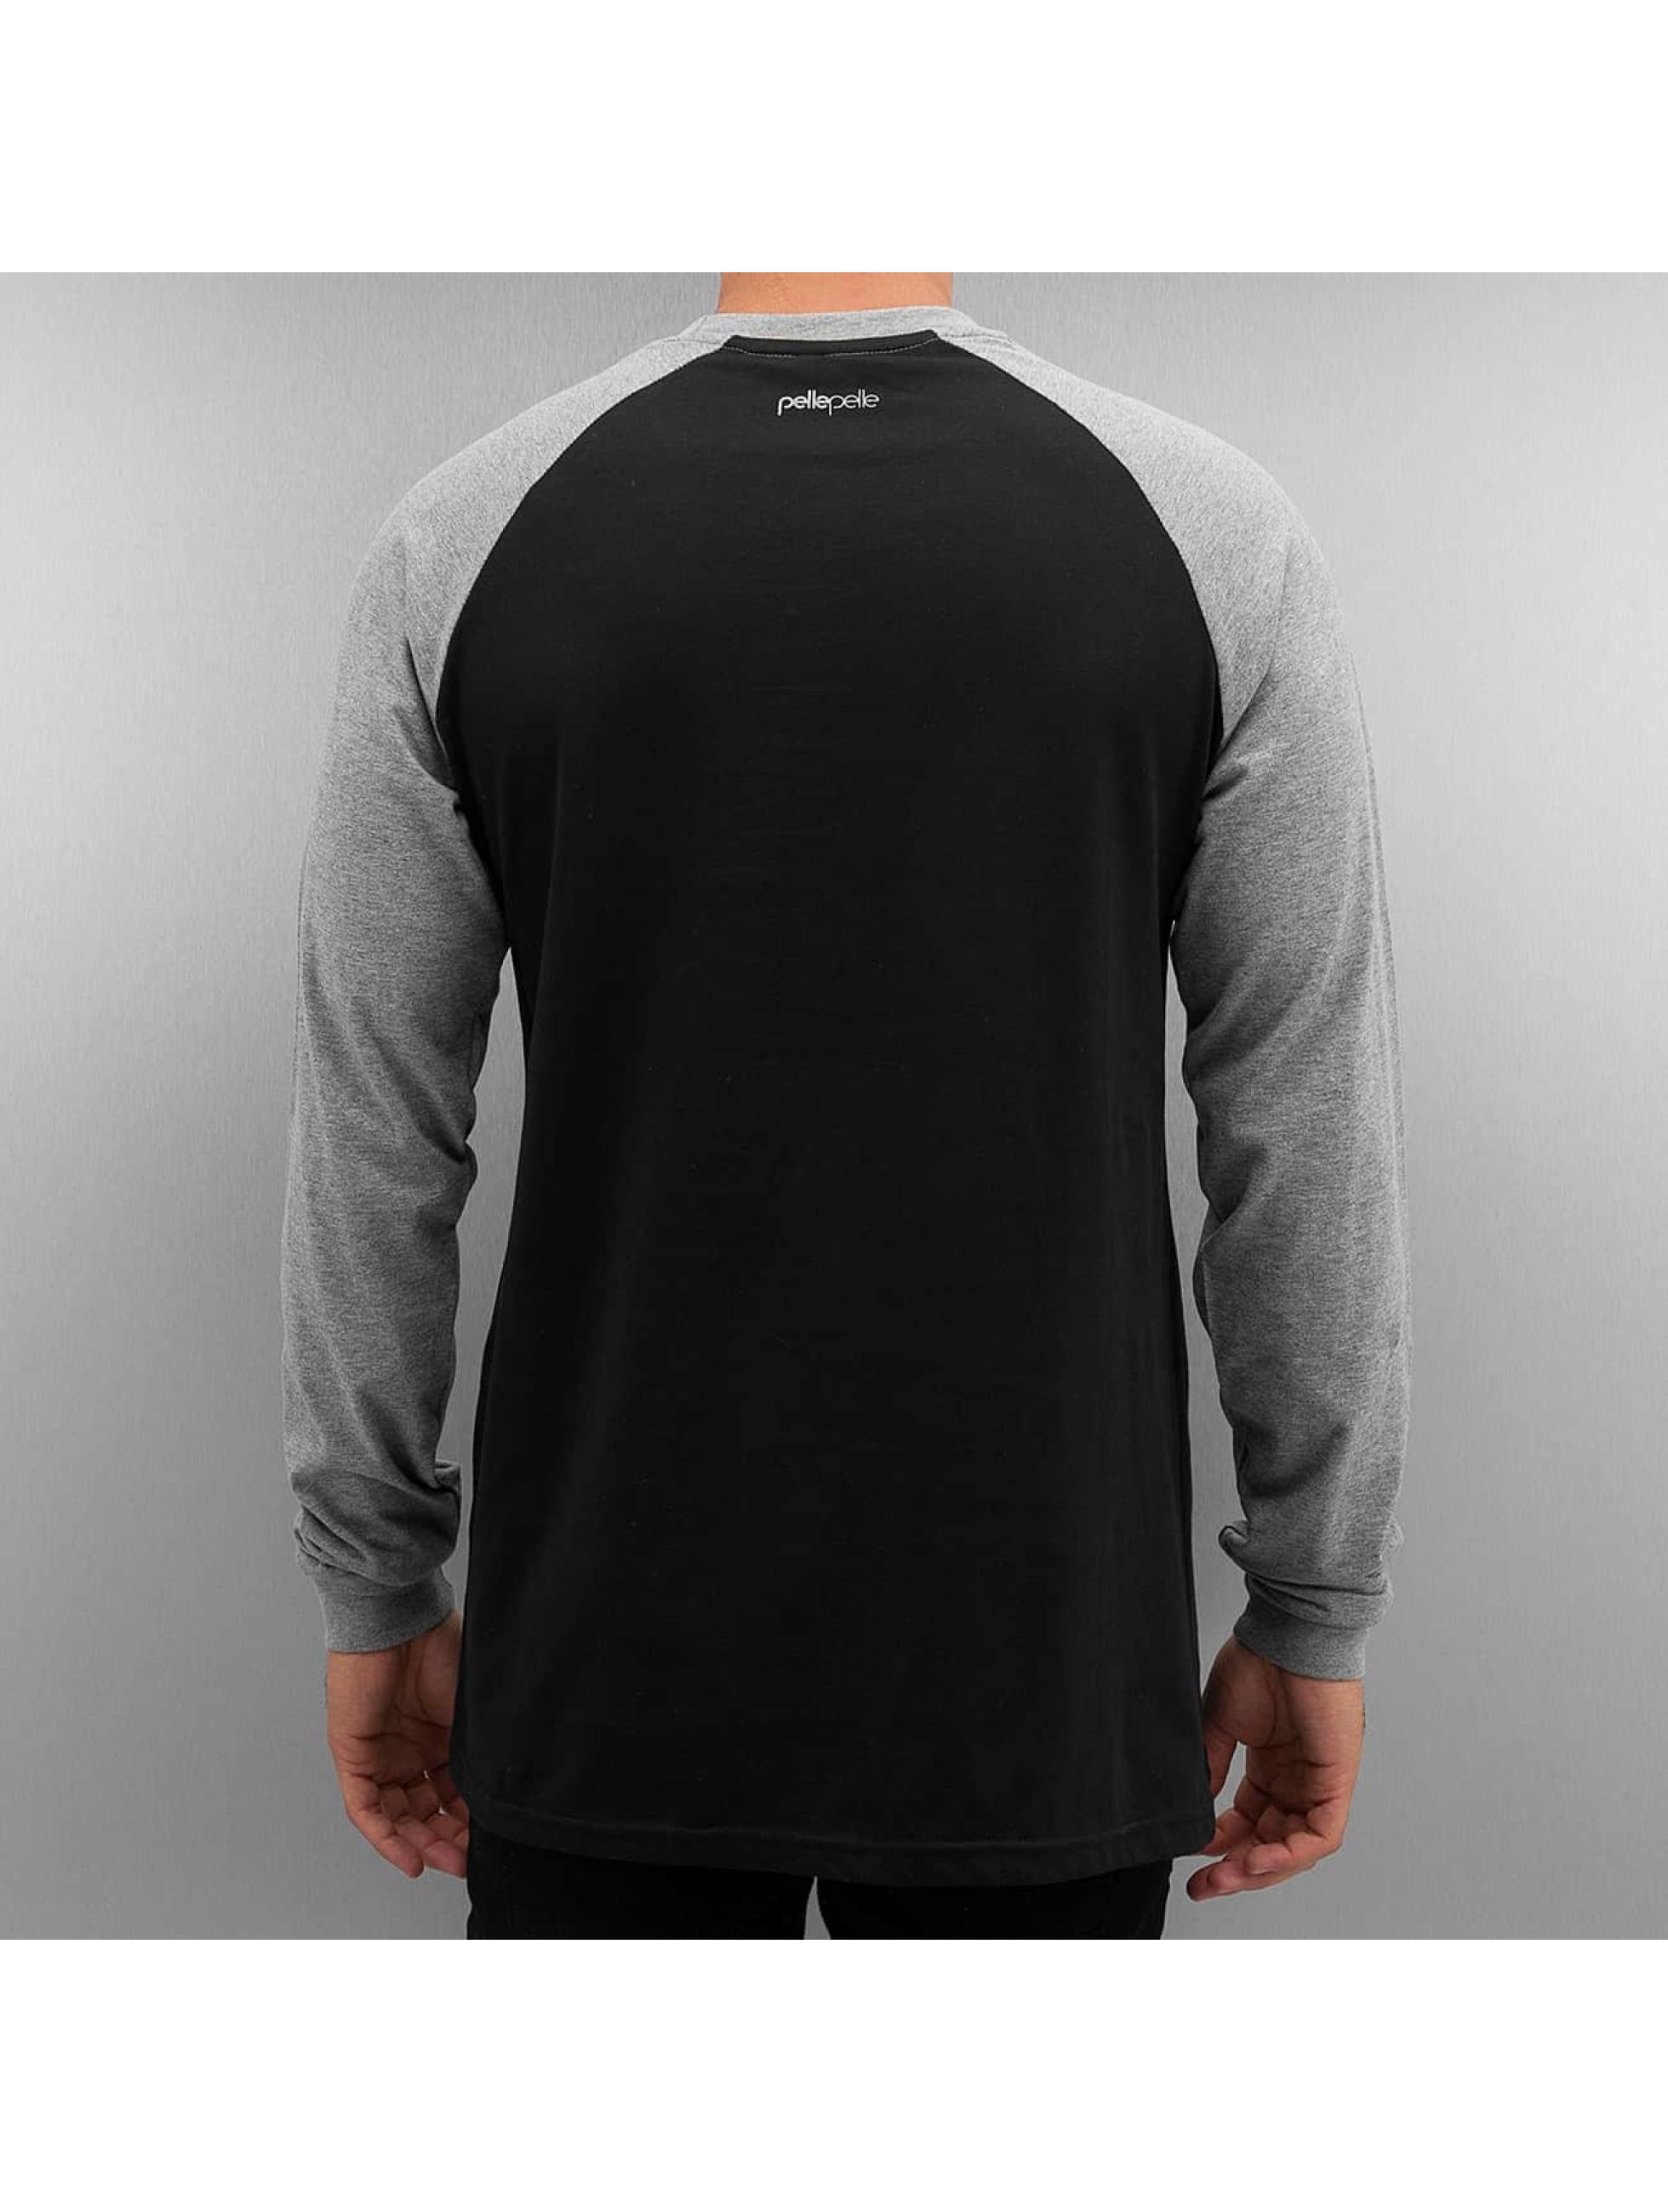 Pelle Pelle T-Shirt manches longues Heavy Hitters gris